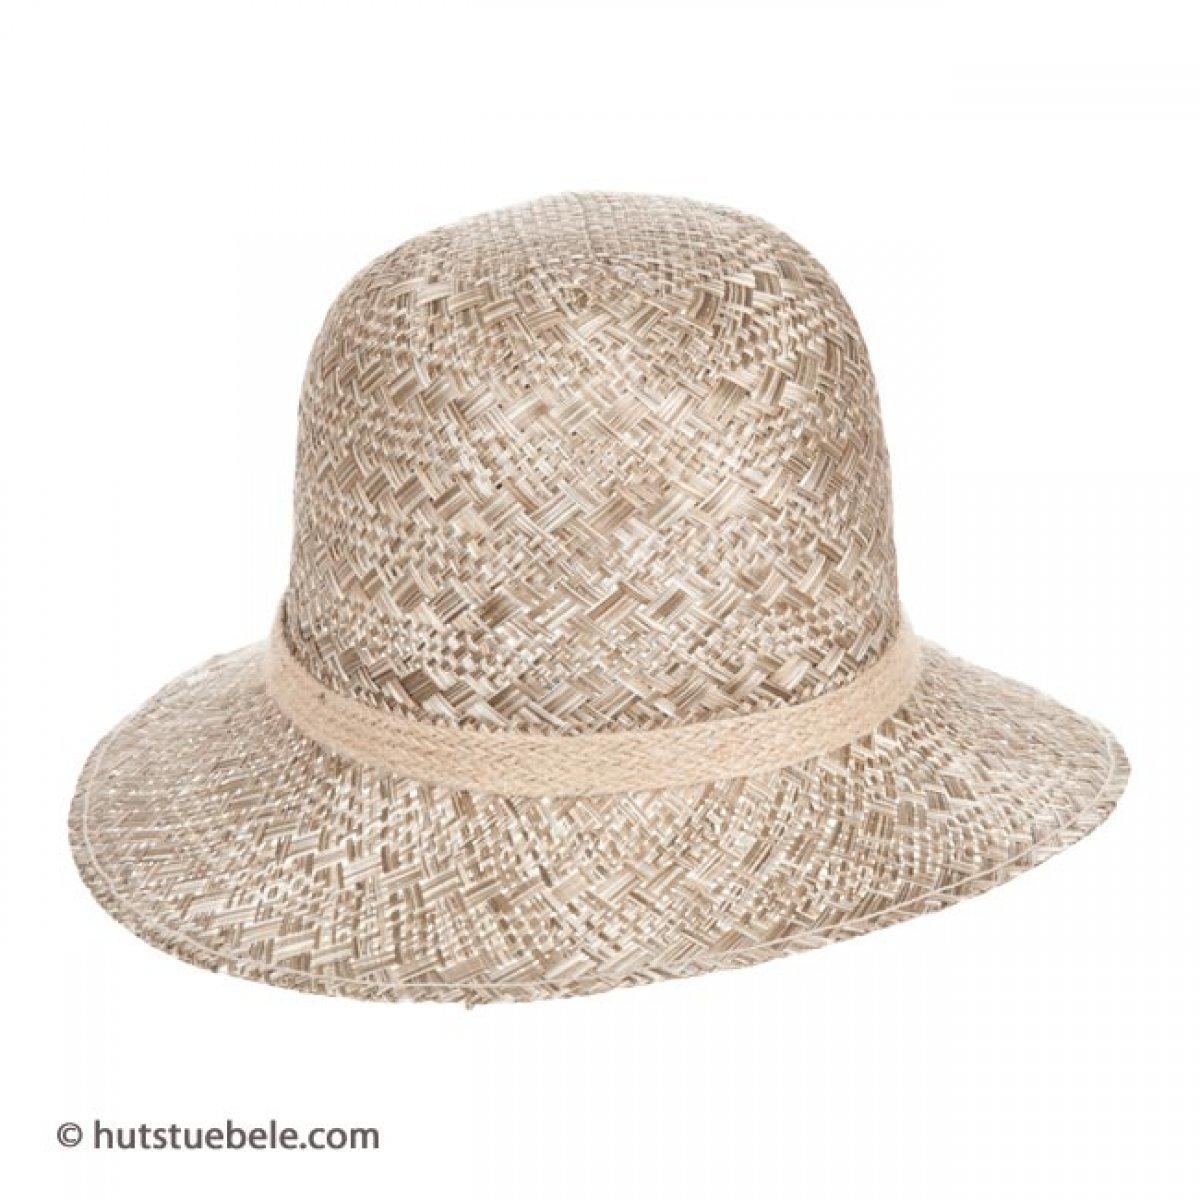 cappello da donna in paglia con tesa piccola  21439d2a01b2